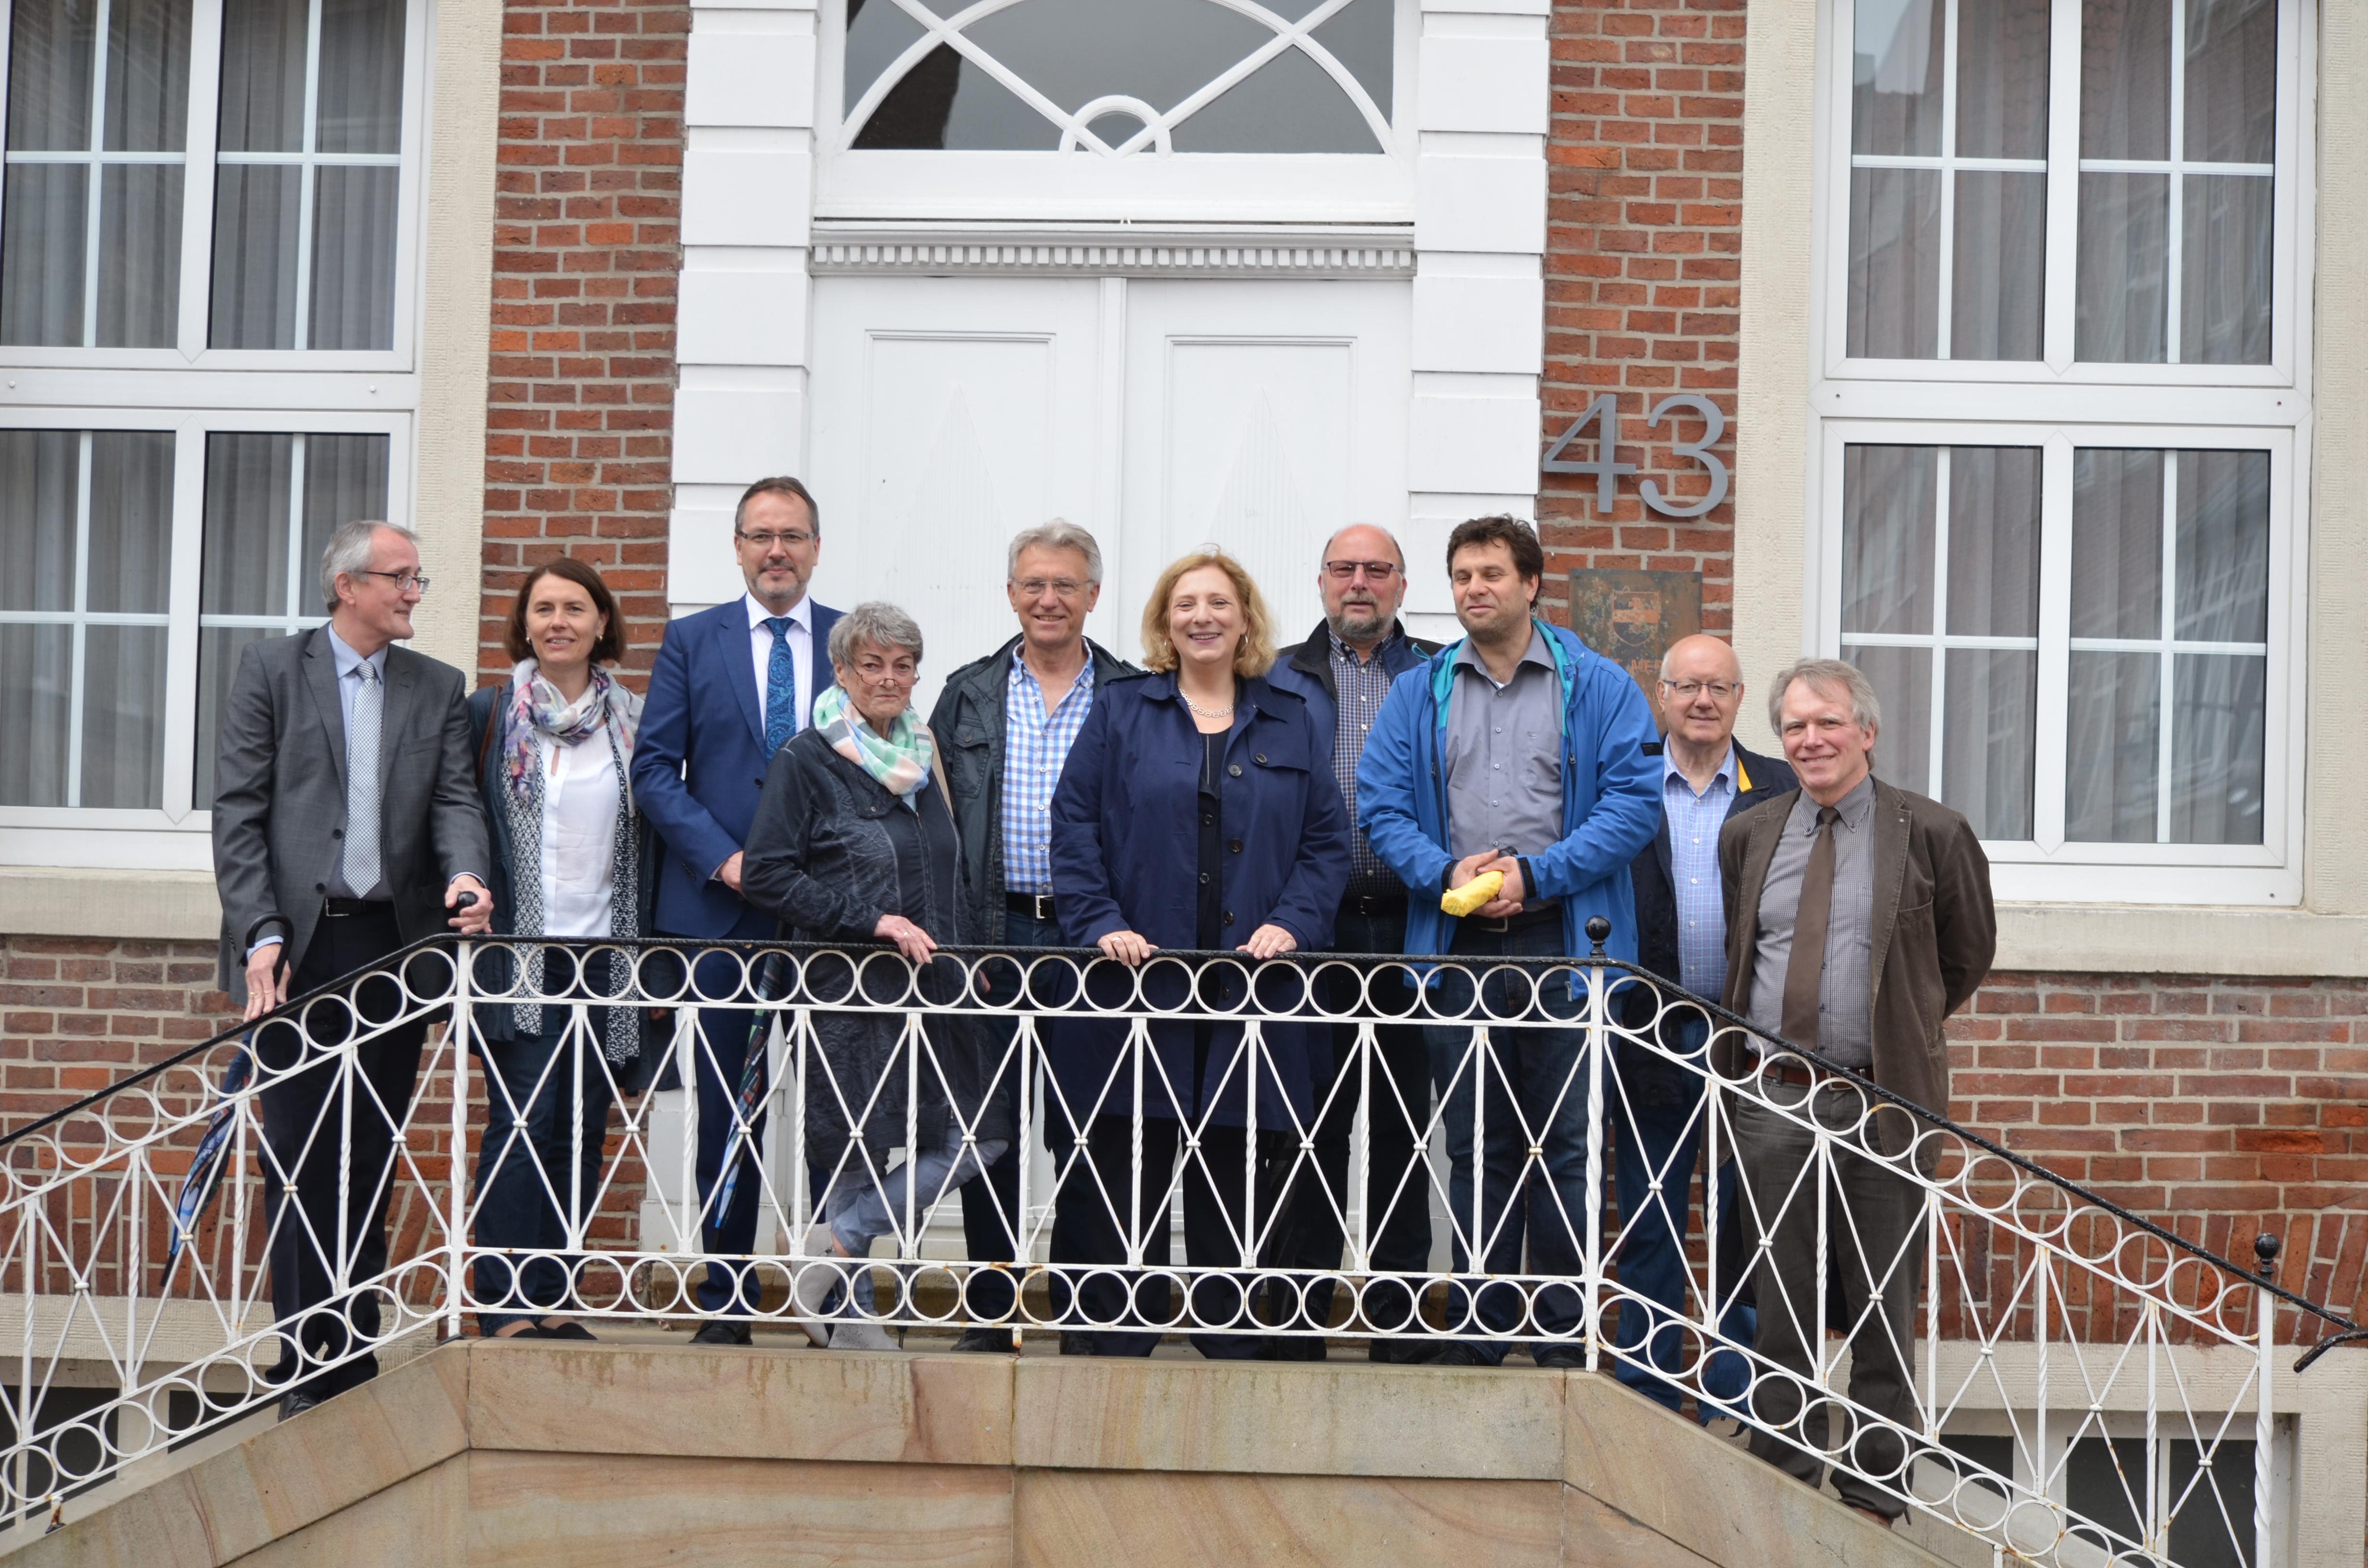 Bernd Ostermann, Andrea Kötter, Helmut Knurbein,  Karin Stief-Kreihe, Bernd Kaiser, Dr. Daniela De Ridder, Johannes Hessel, Dirk Keller, Georg Tranel, (v.l.n.r.)